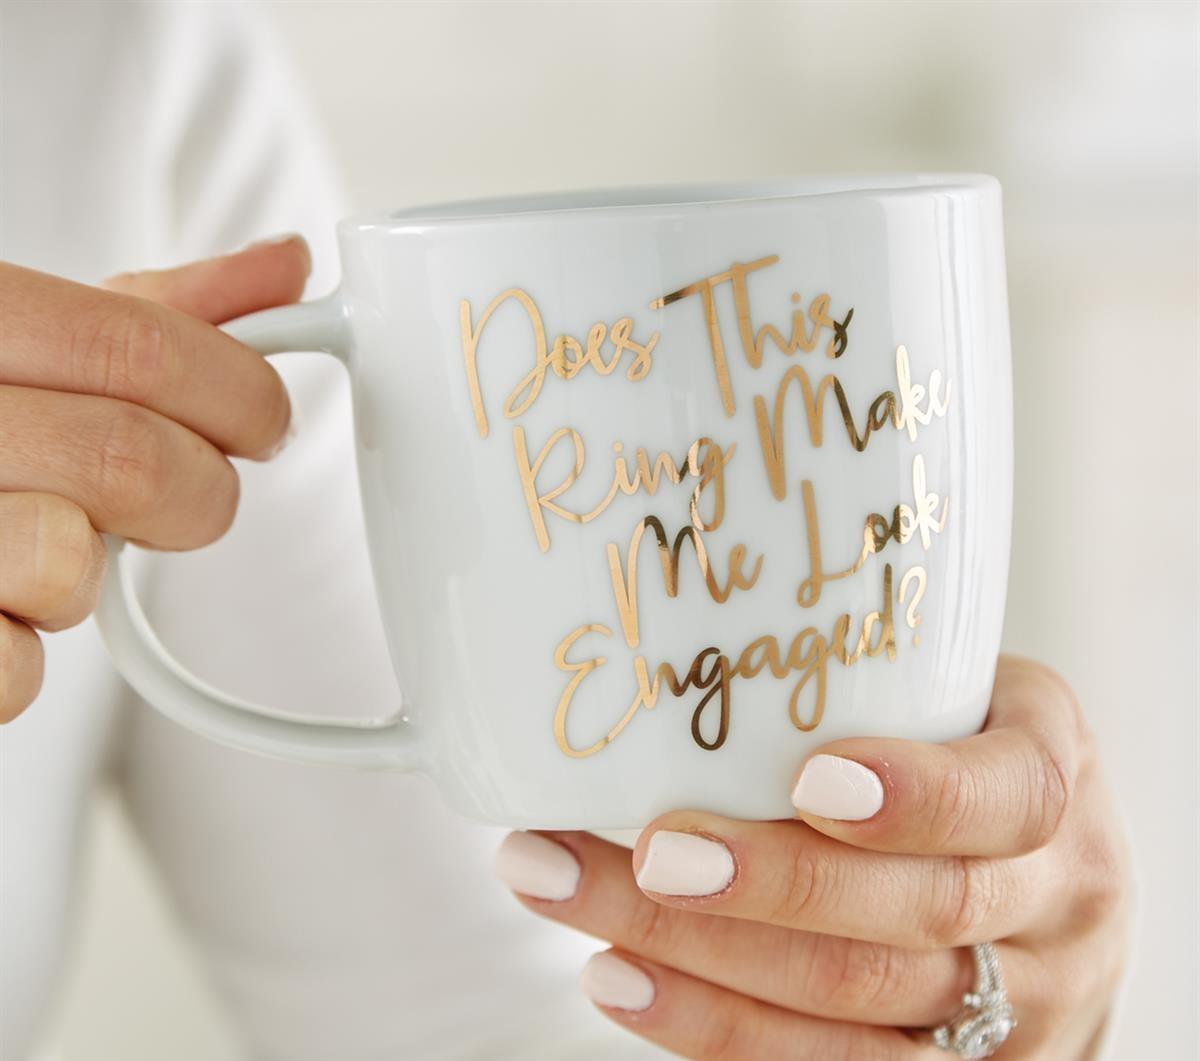 Engaged_mug